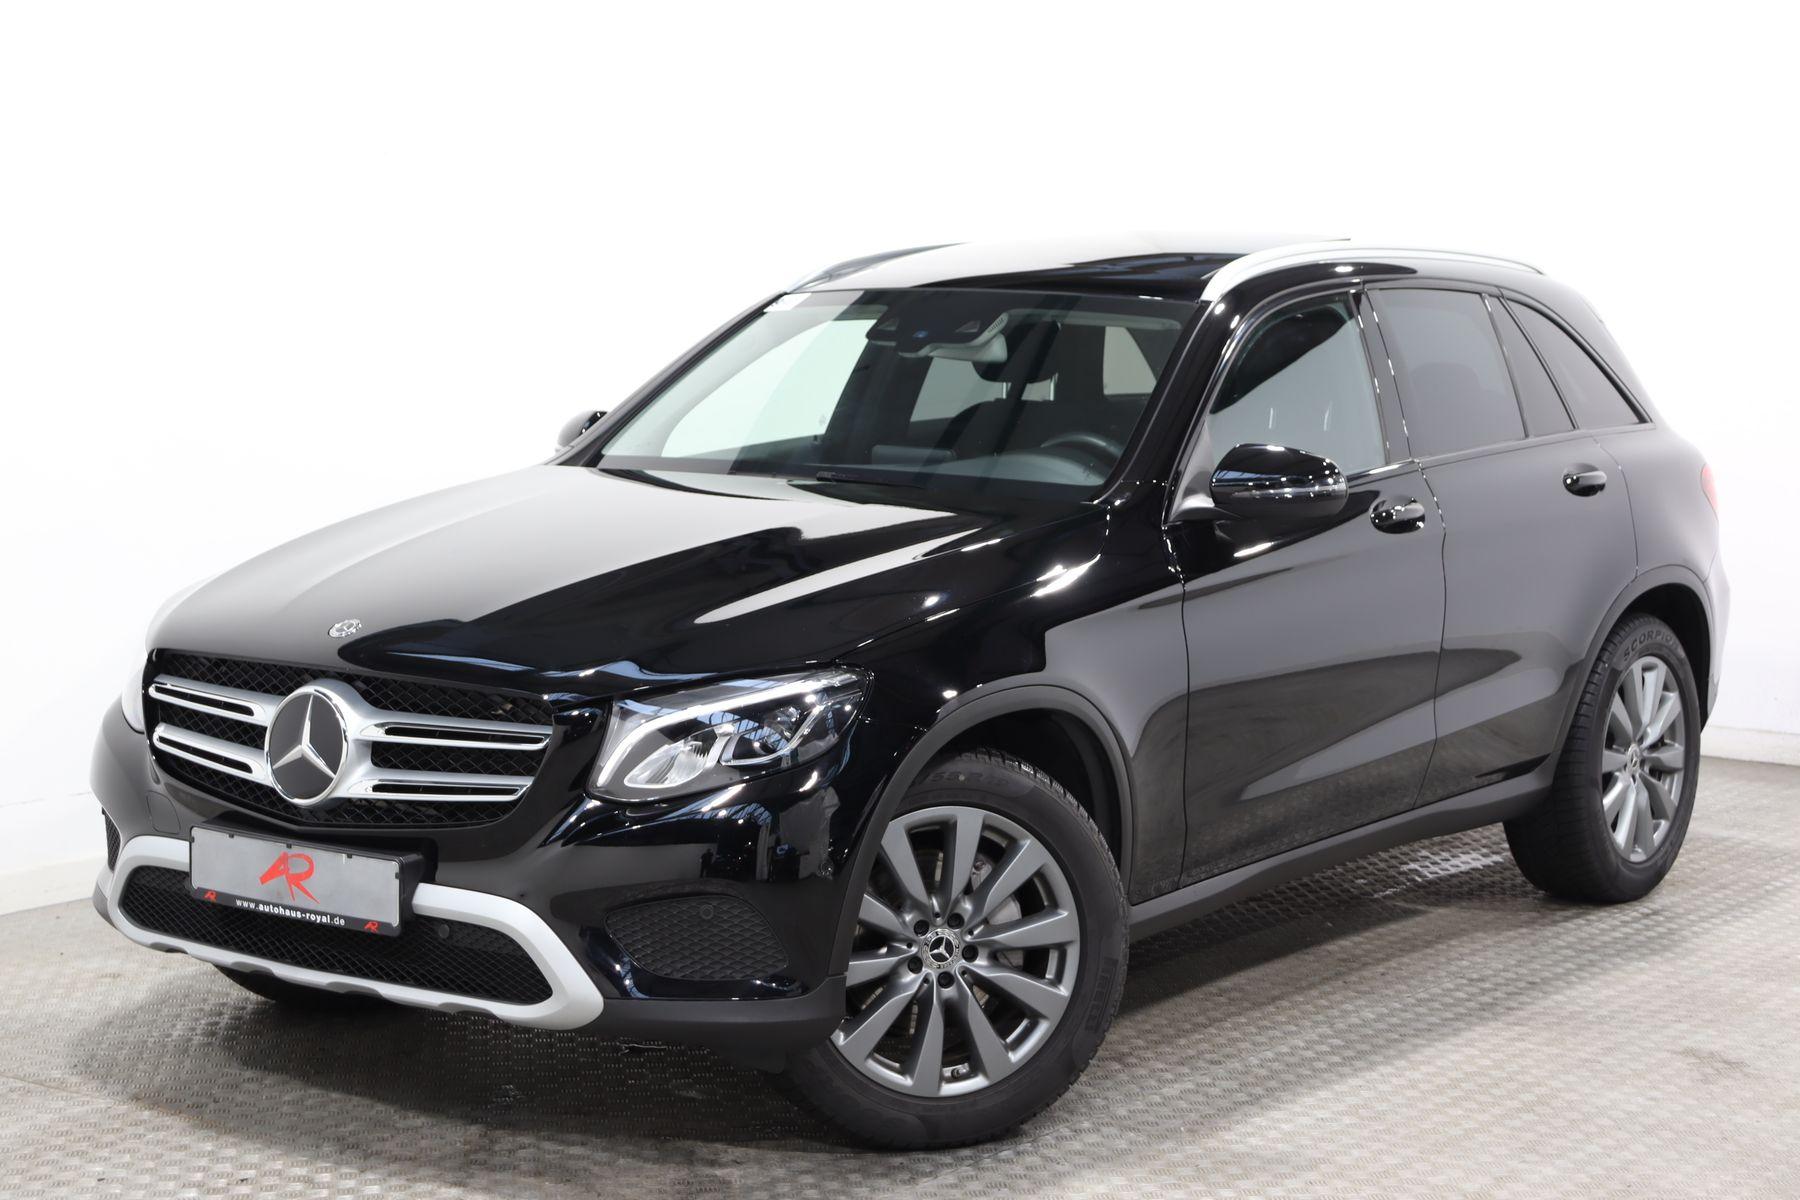 Mercedes-Benz GLC 250 d 4M DISTRO,BURMESTER,AIRBODY,STANDHEIZ., Jahr 2017, Diesel